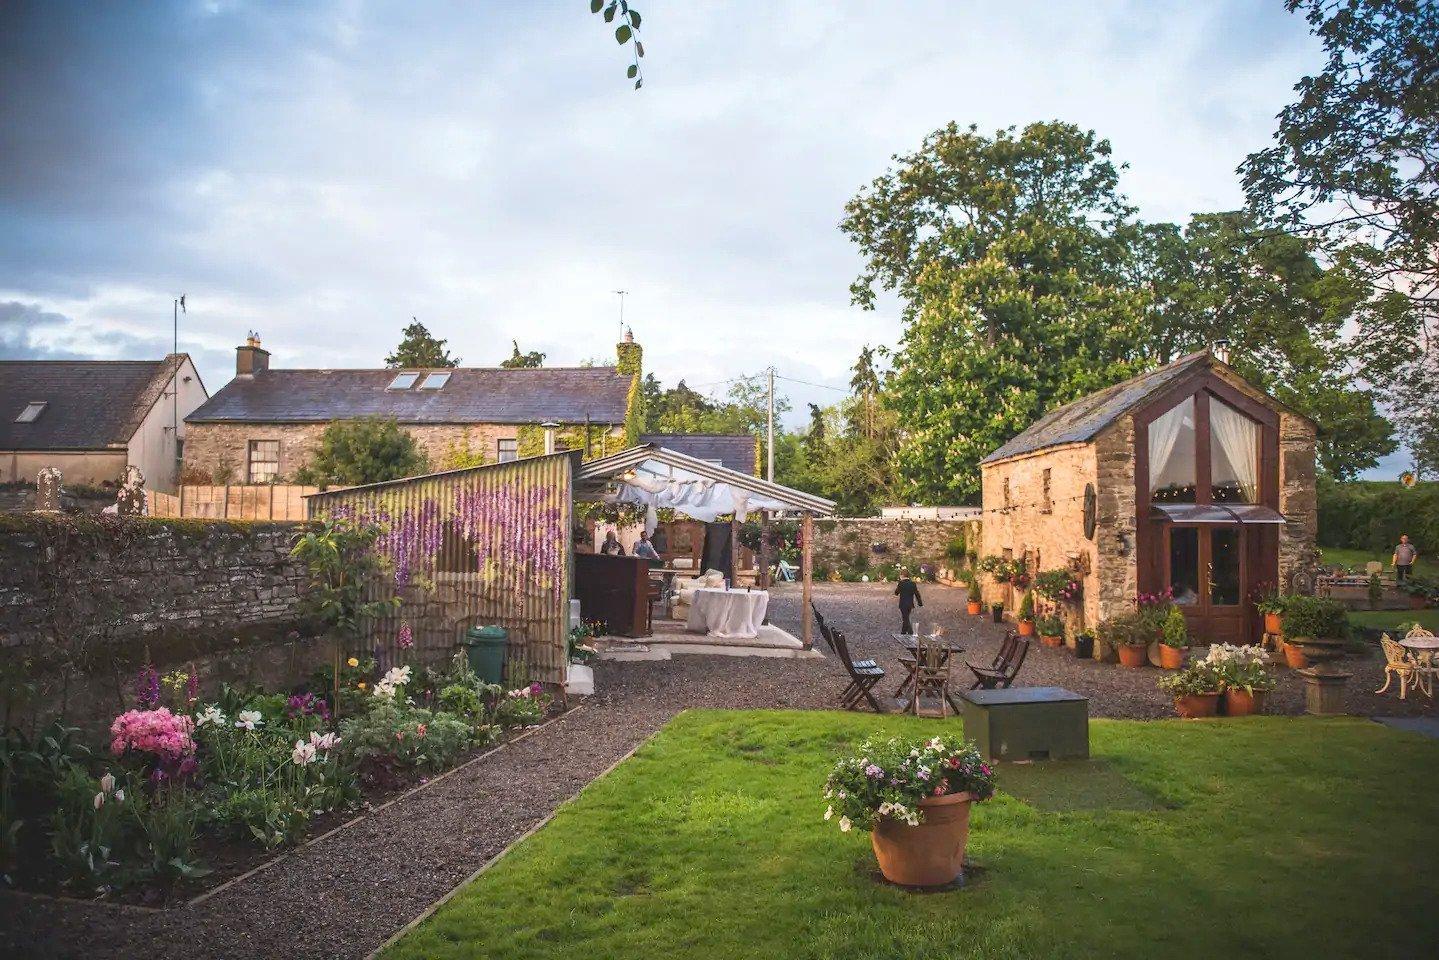 Chata, vytvořená ze staré kamenné stodoly, se nachází v irském městečku Ardcath, které je vzdáleno necelou hodinu cesty od známé metropole Dublin. V současnosti je využívána jako rekreační ubytovací jednotka, která je ideálním útočištěm pro romantickou dovolenou ve dvojici mimo rušných velkoměst.